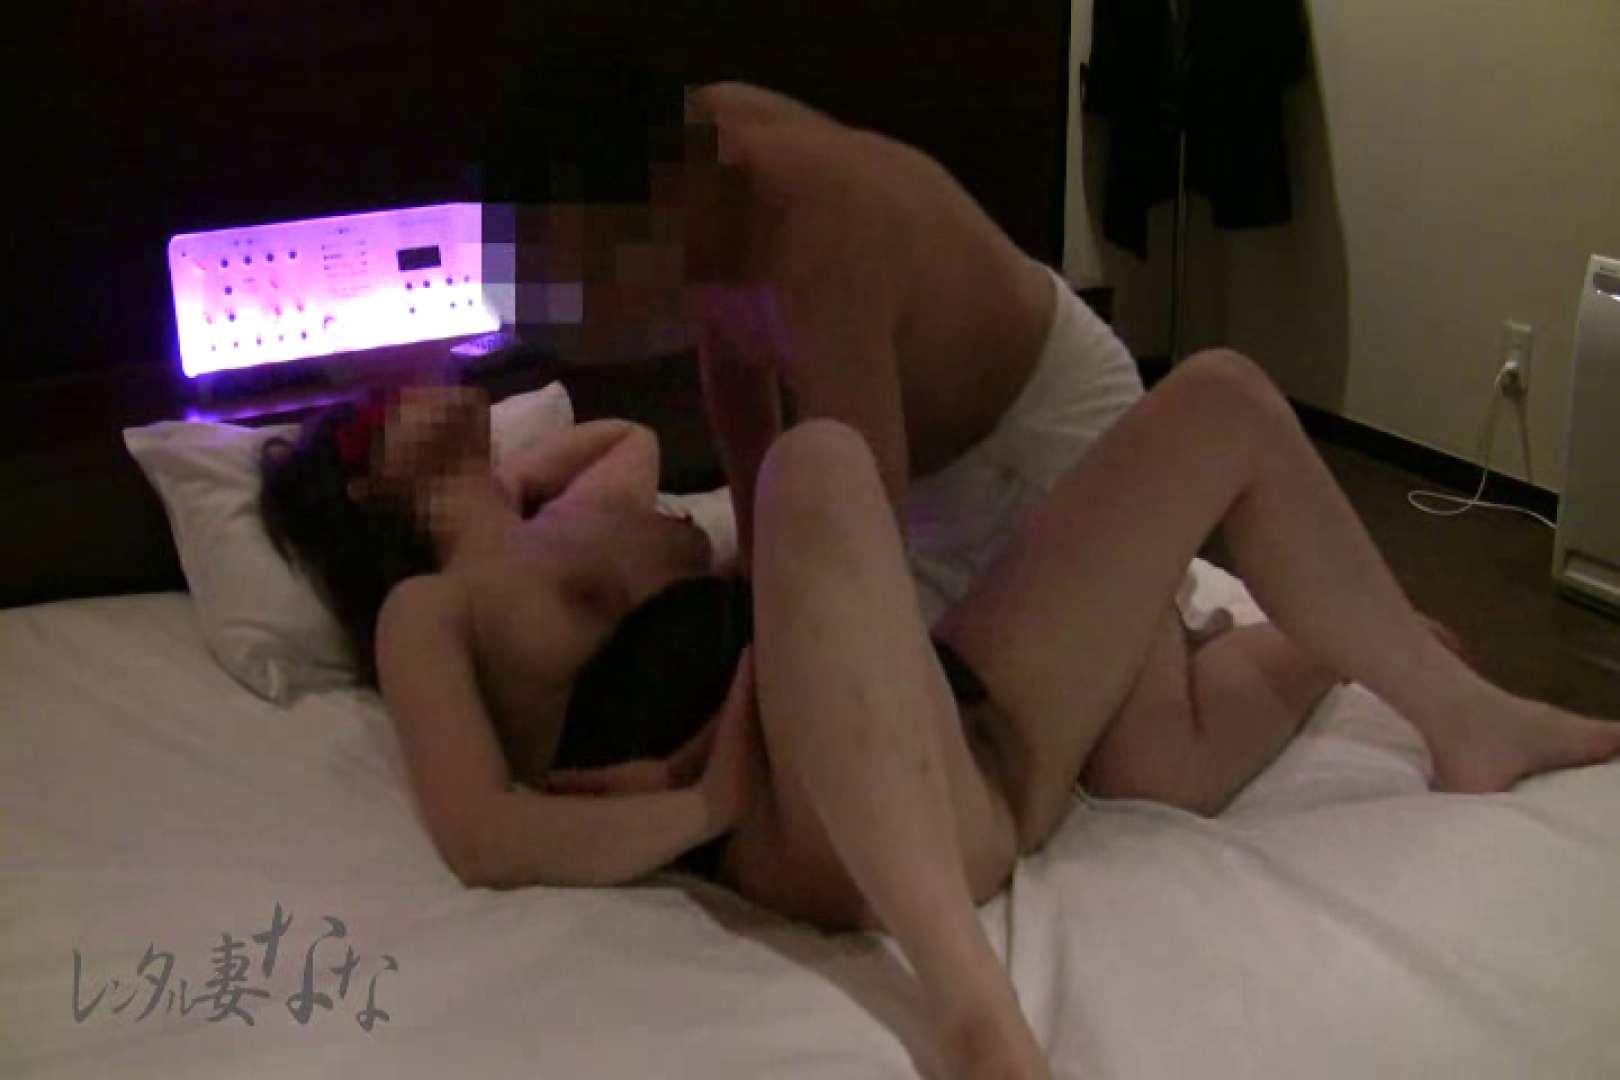 レンタル妻ななvol.4 フェラチオシーン すけべAV動画紹介 90pic 63